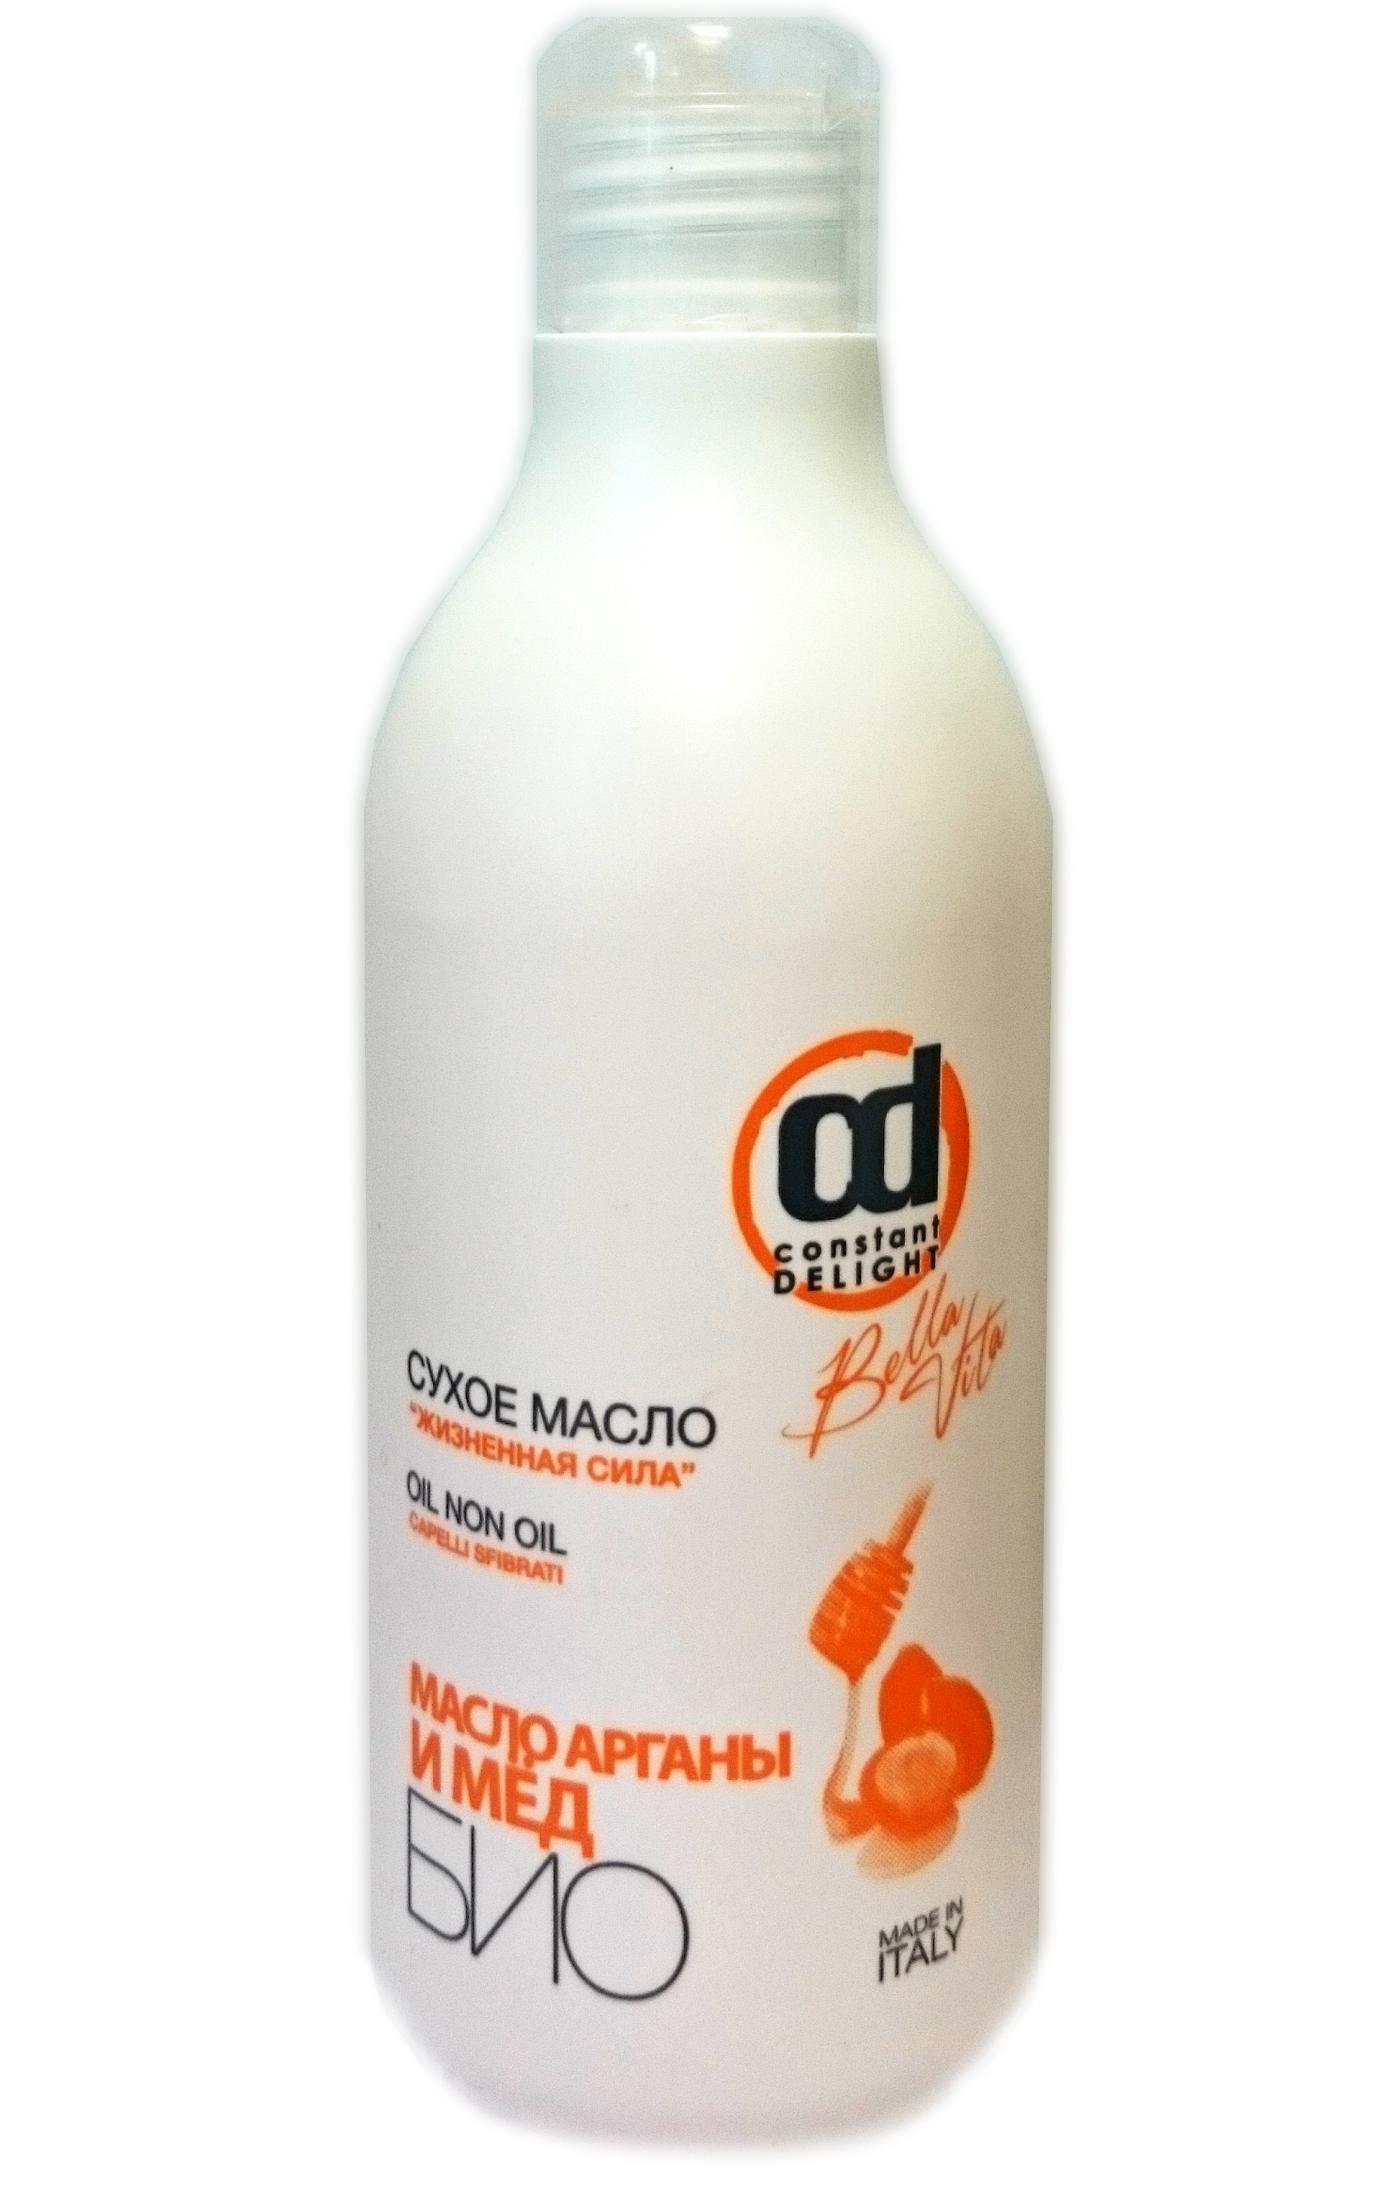 Сухое масло для волос constant delight отзывы